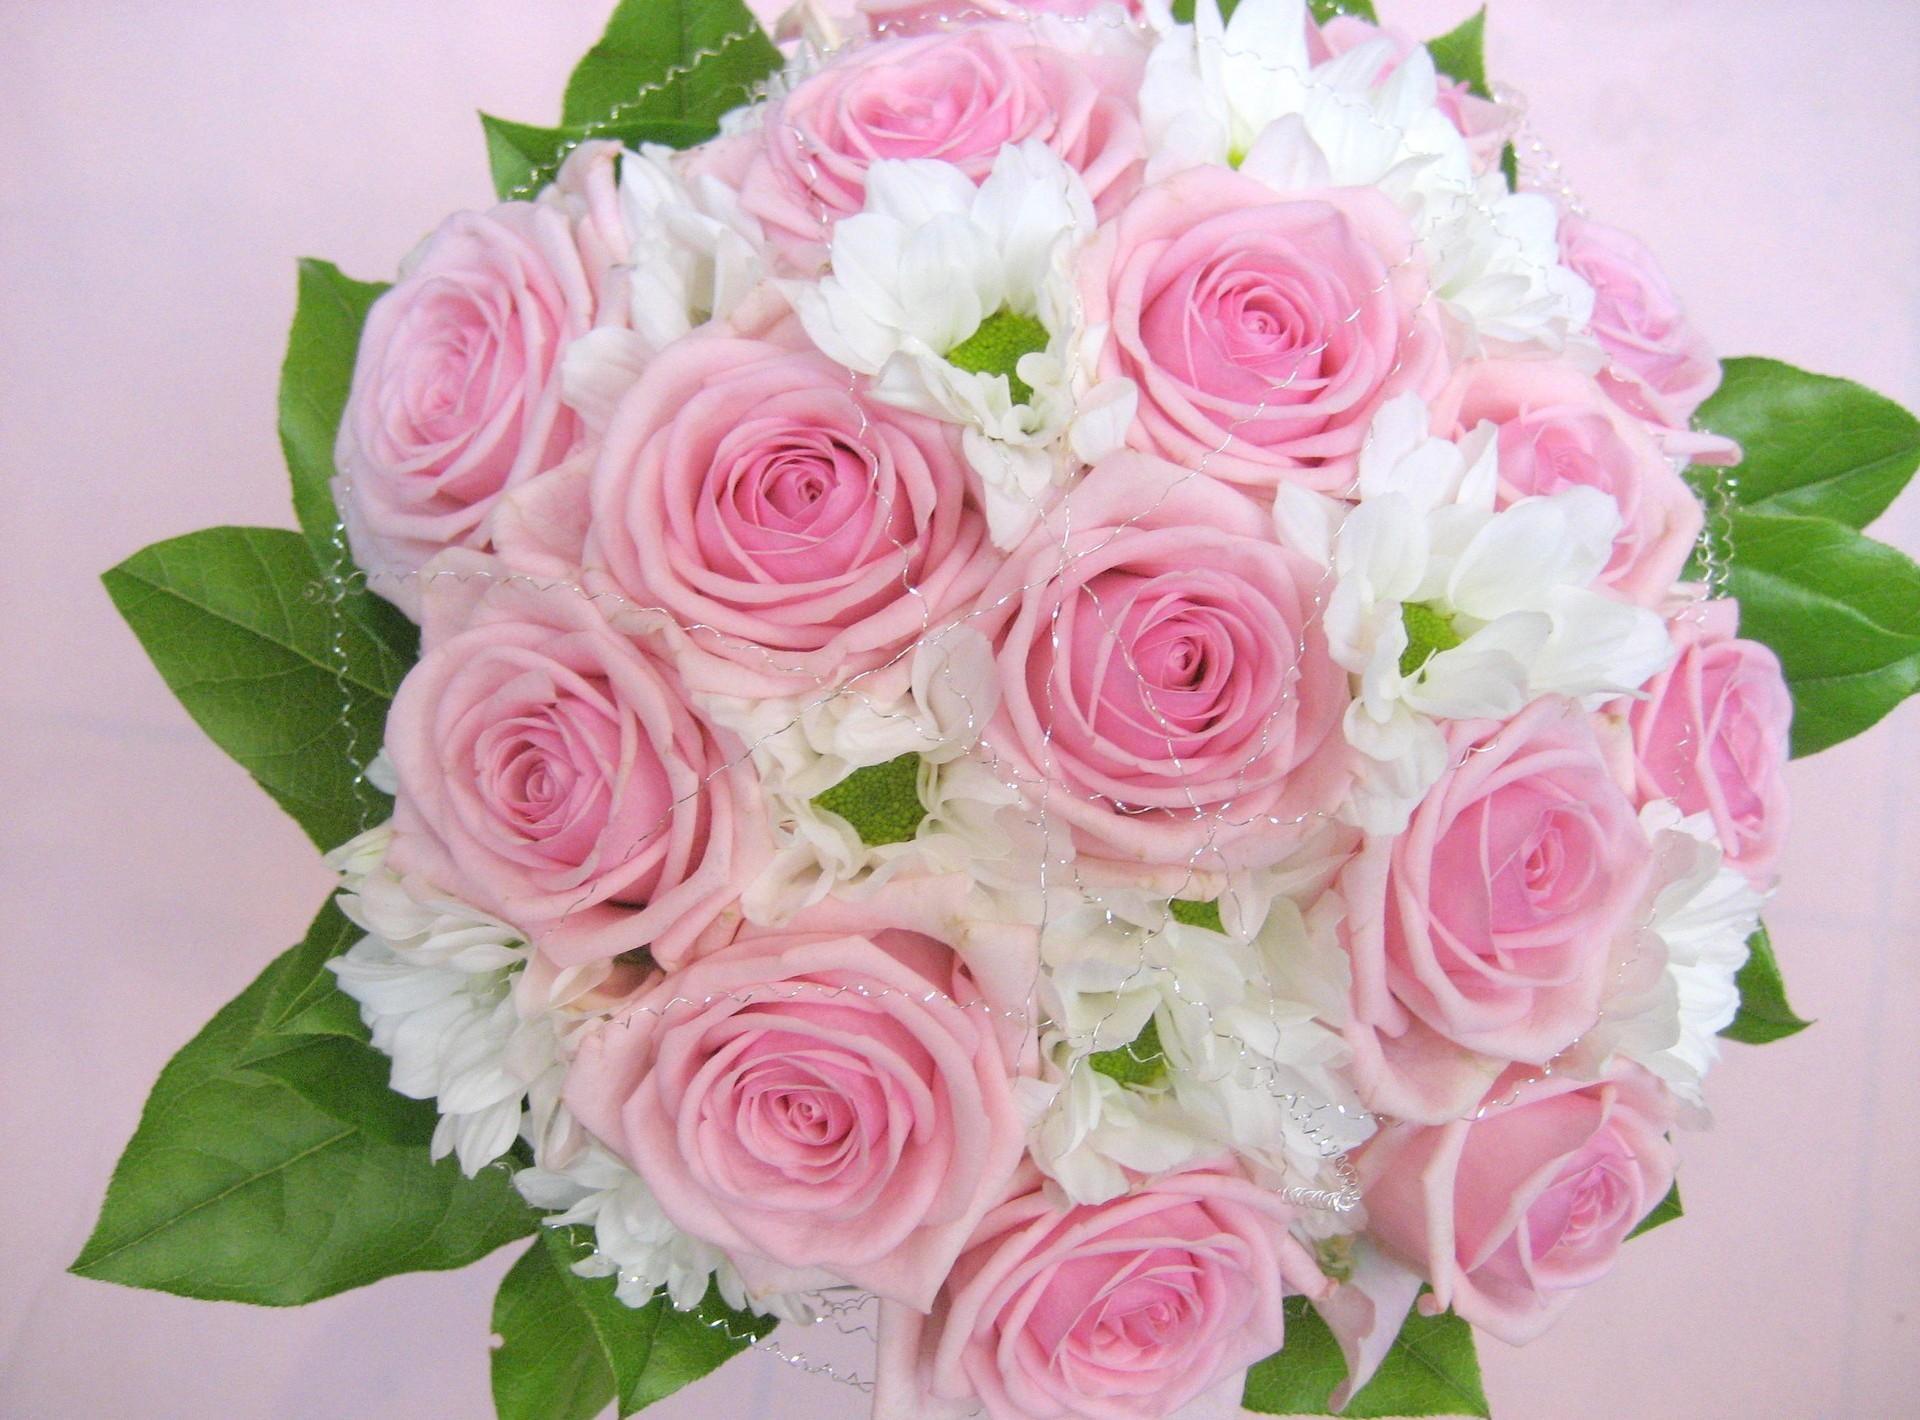 116407 скачать обои Розы, Цветы, Букет, Листья, Оформление, Нежность - заставки и картинки бесплатно